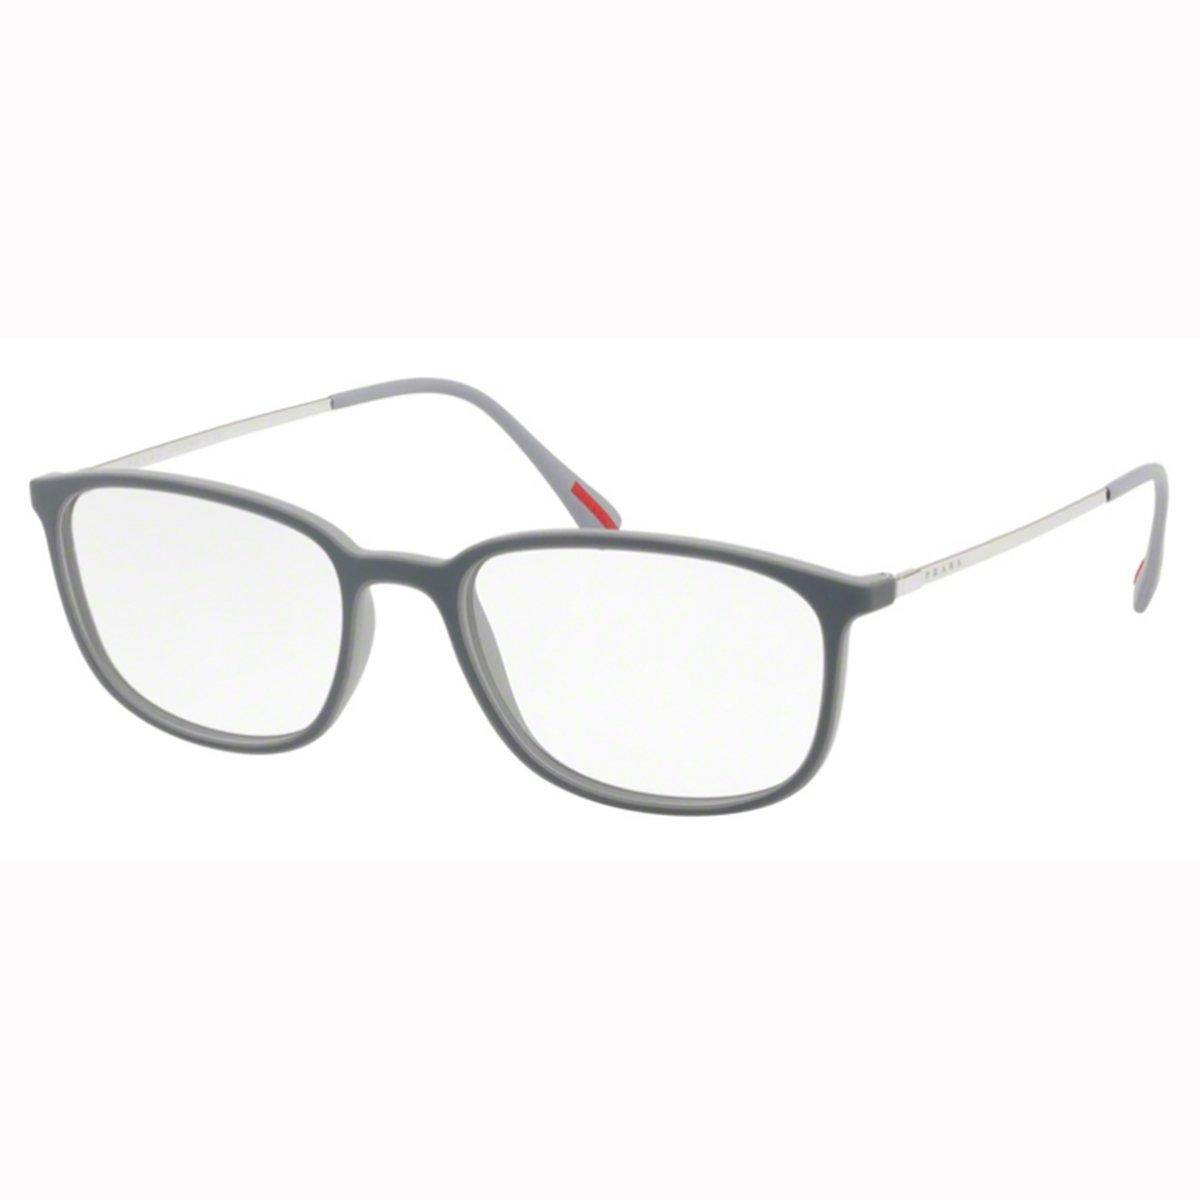 38401efa0 Compre Óculos de Grau Prada Sport Spectrum em 10X | Tri-Jóia Shop